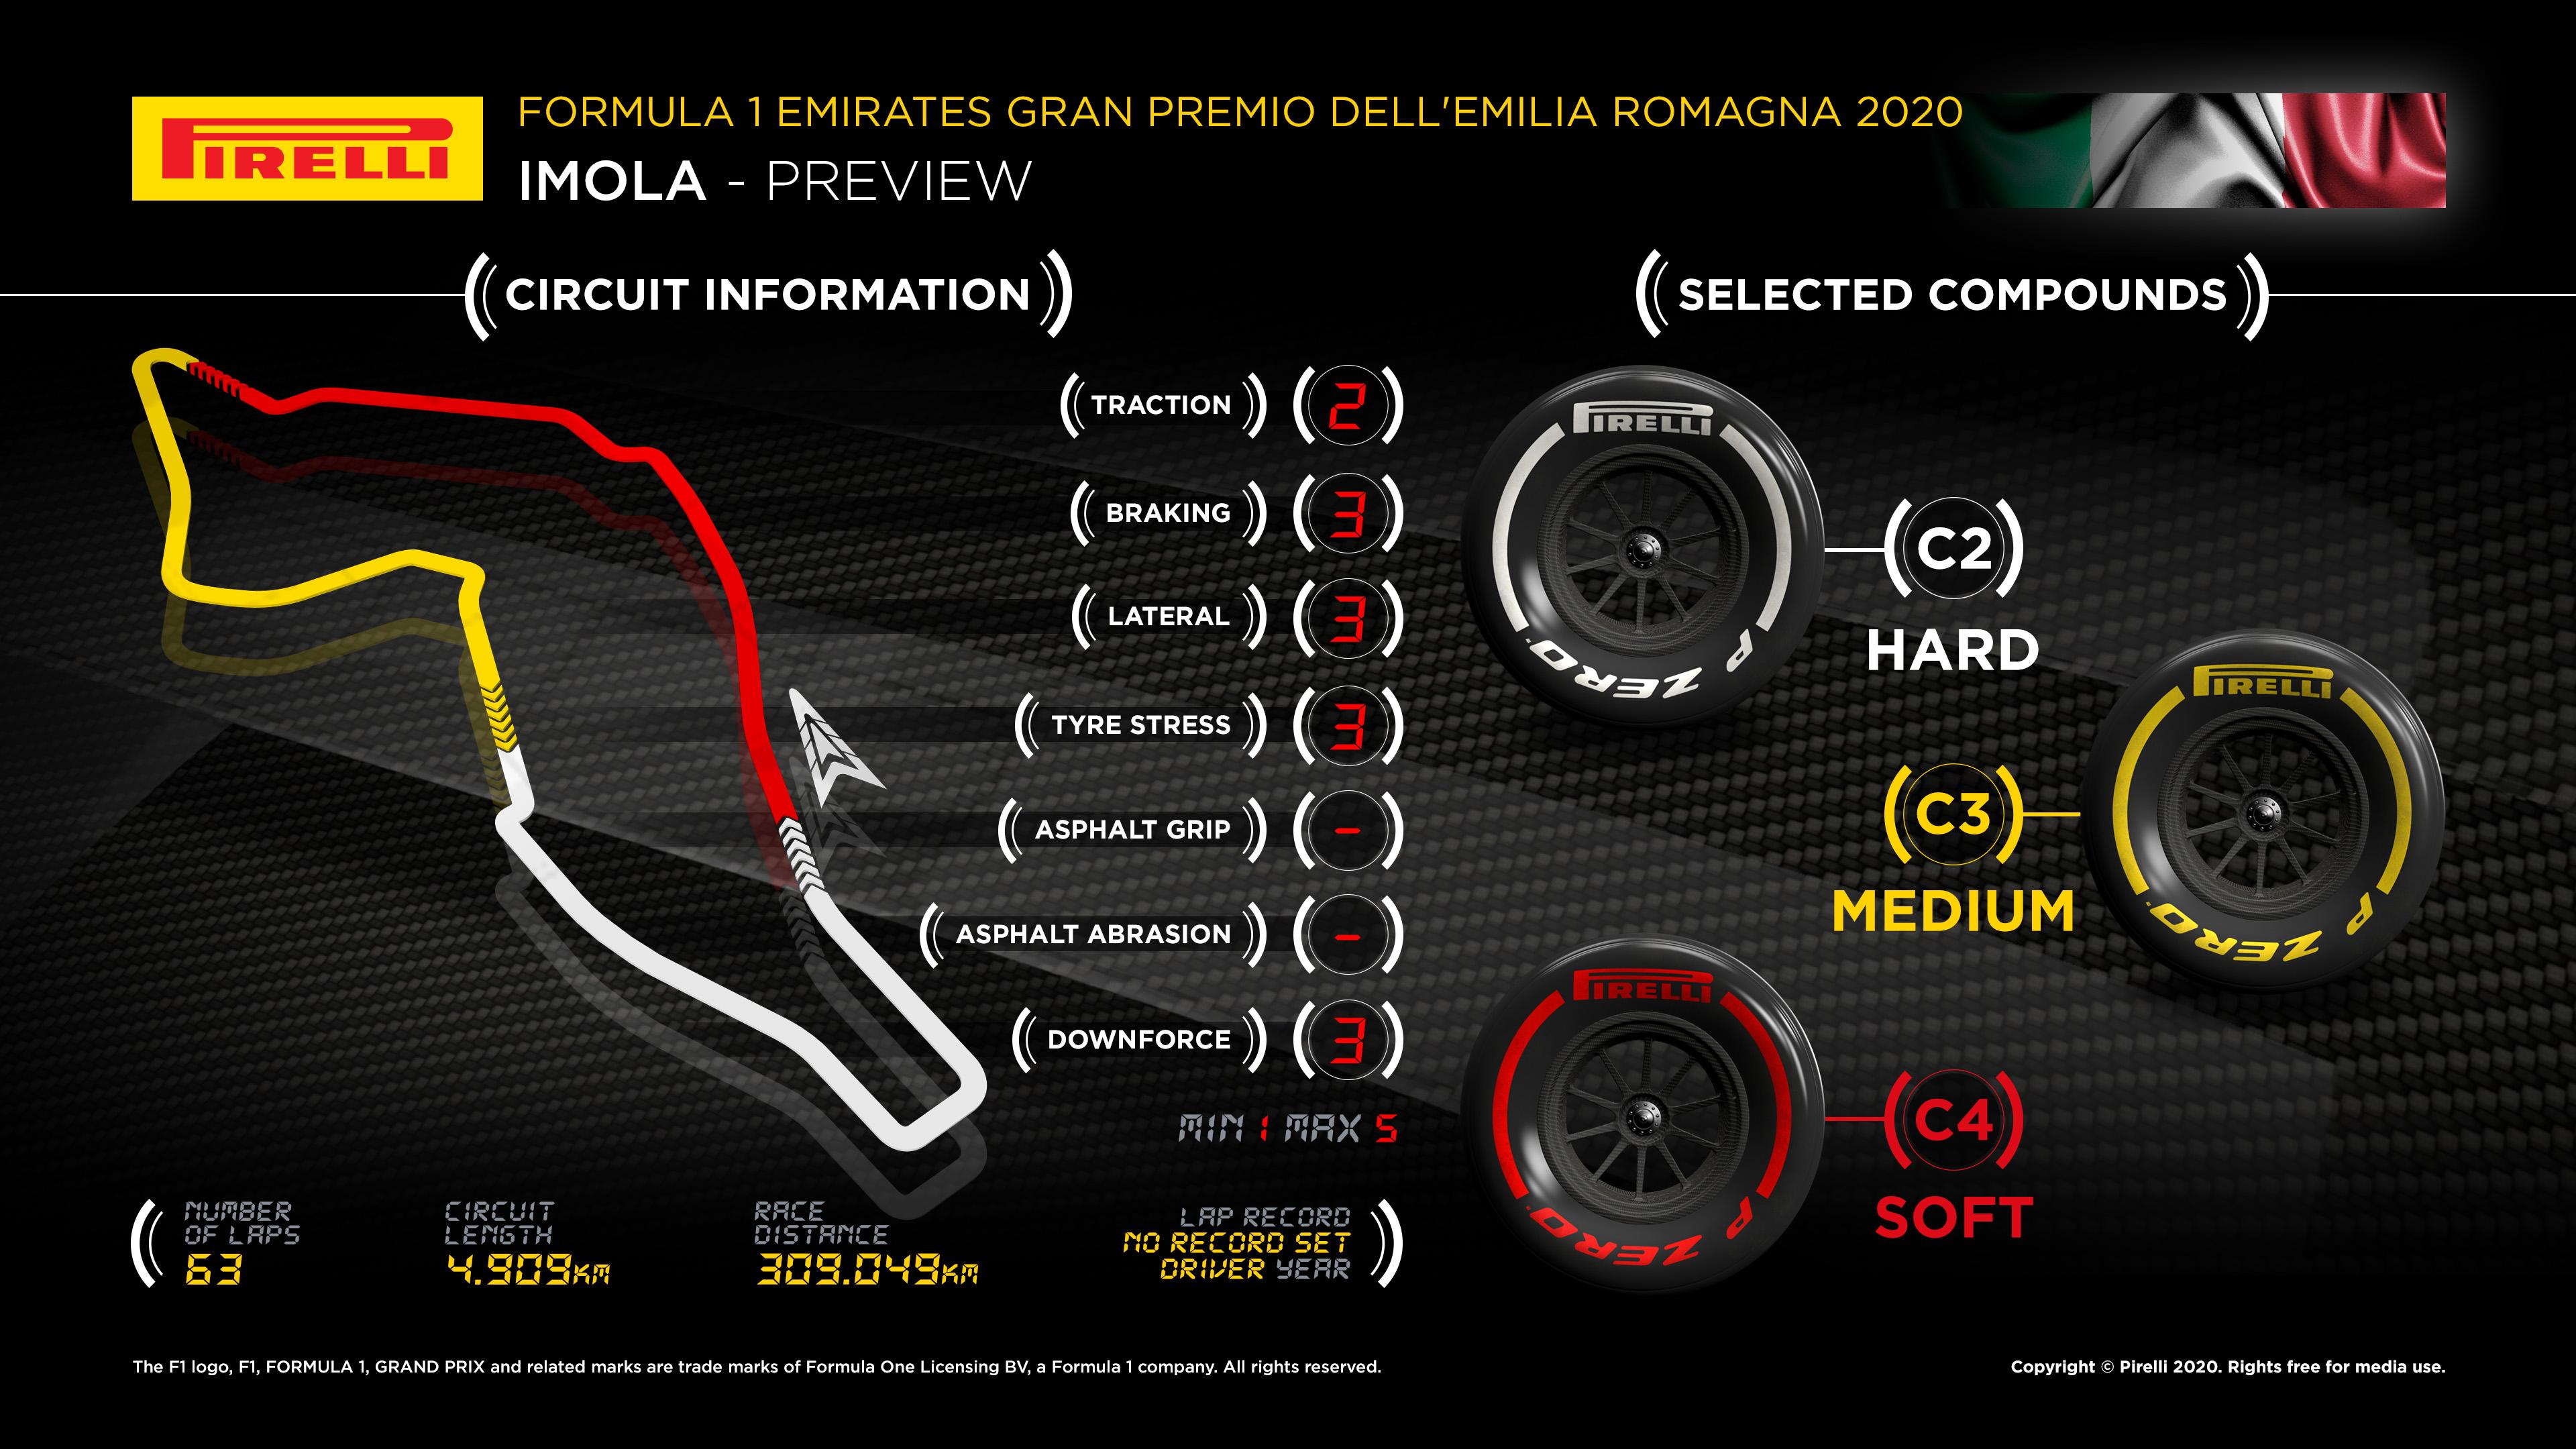 pirelli-previo-imola-2020-soymotor.jpg